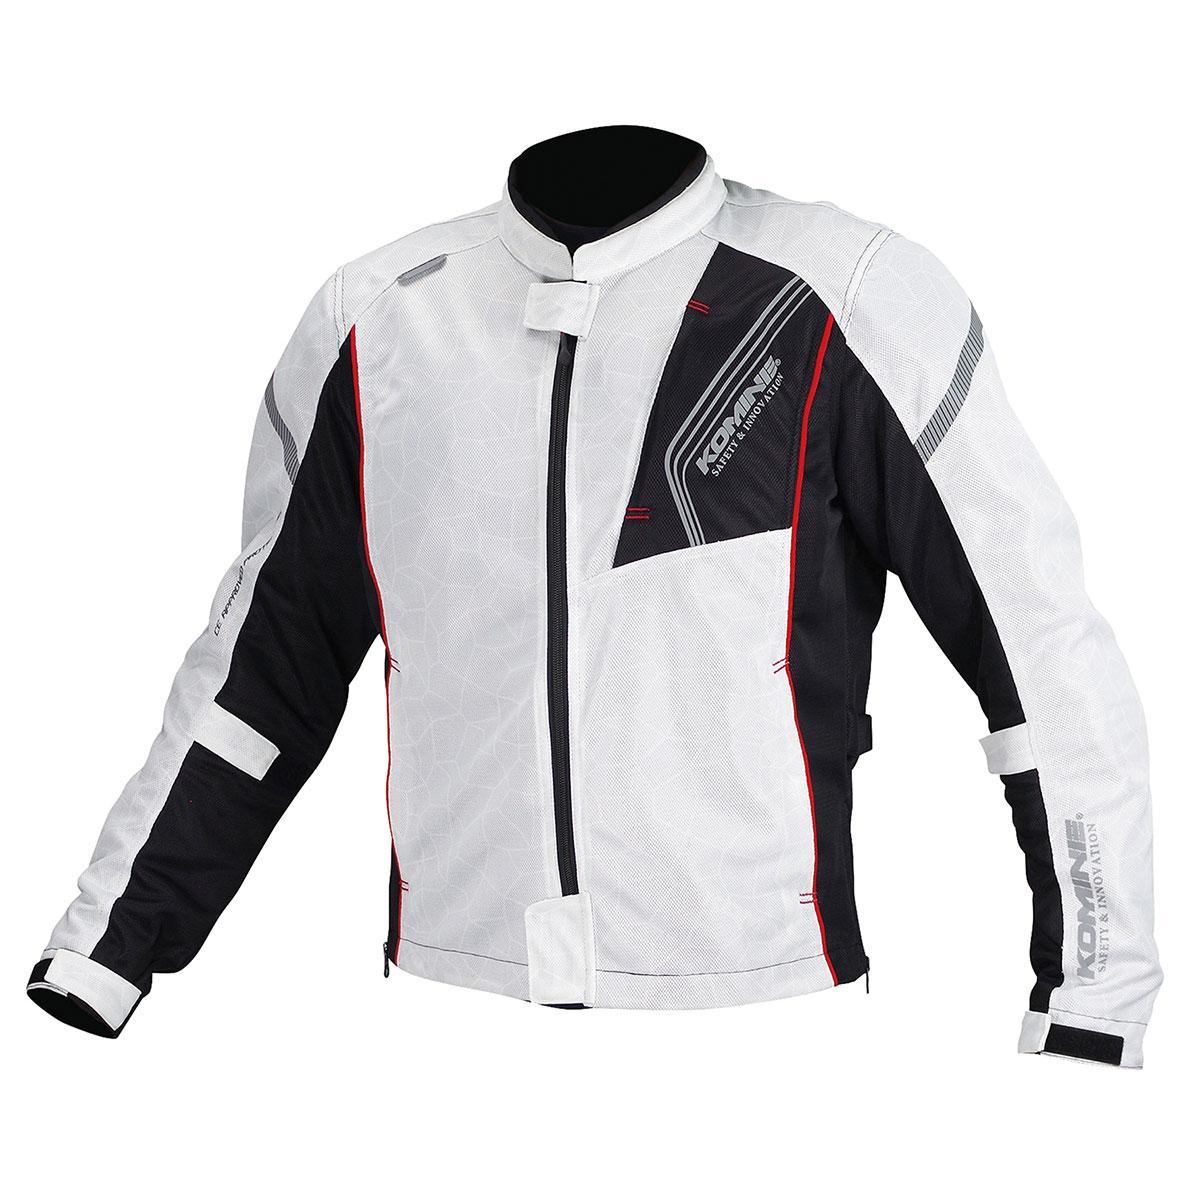 コミネ (Komine) バイク用 ジャケット Jacket JK-128 プロテクトフルメッシュジャケット シルバー ブラック 銀 黒 Mサイズ 07-128/SL/BK/M